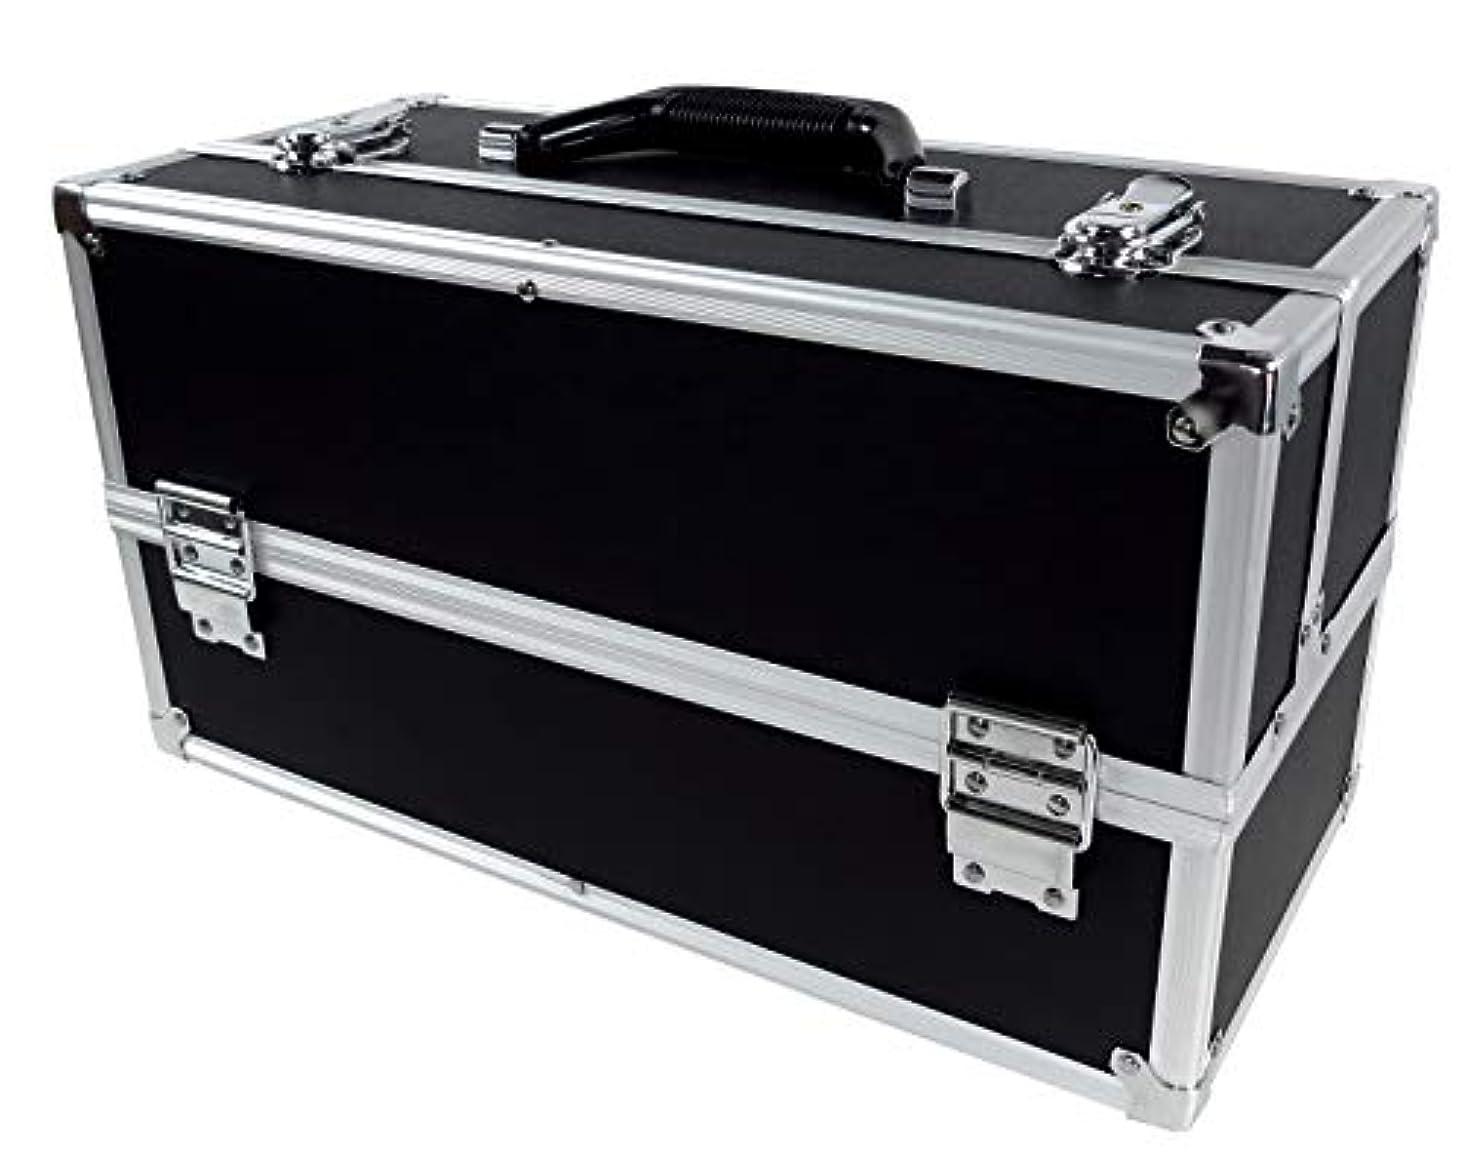 パイルチキン目立つリライアブル コスメボックス ワイド RB201-BK 鍵付き プロ仕様 メイクボックス 大容量 化粧品収納 小物入れ 6段トレー ベロア メイクケース コスメBOX 持ち運び ネイルケース